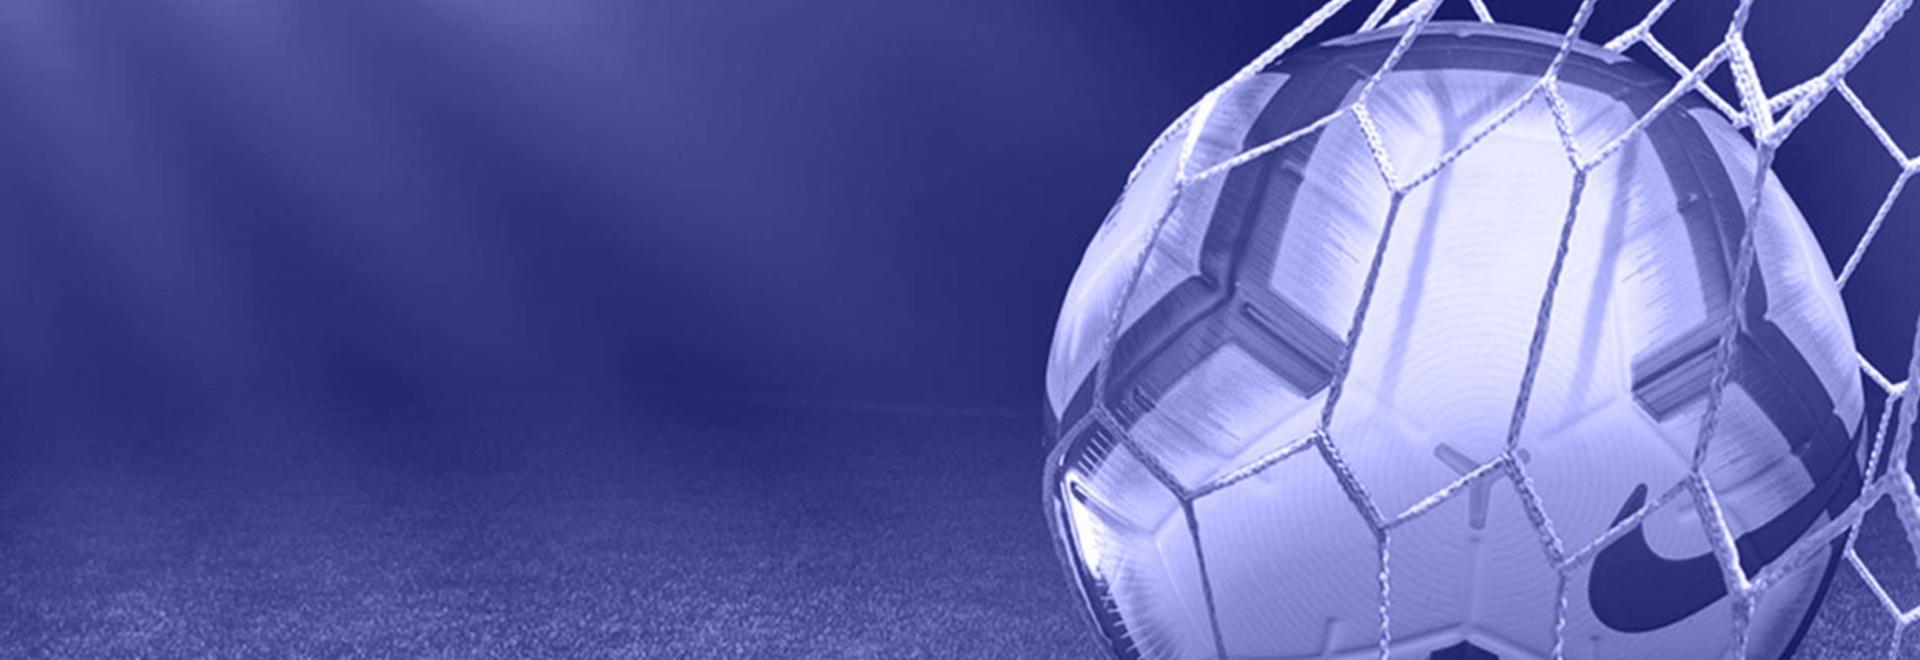 Inter - Fiorentina 27/09/15